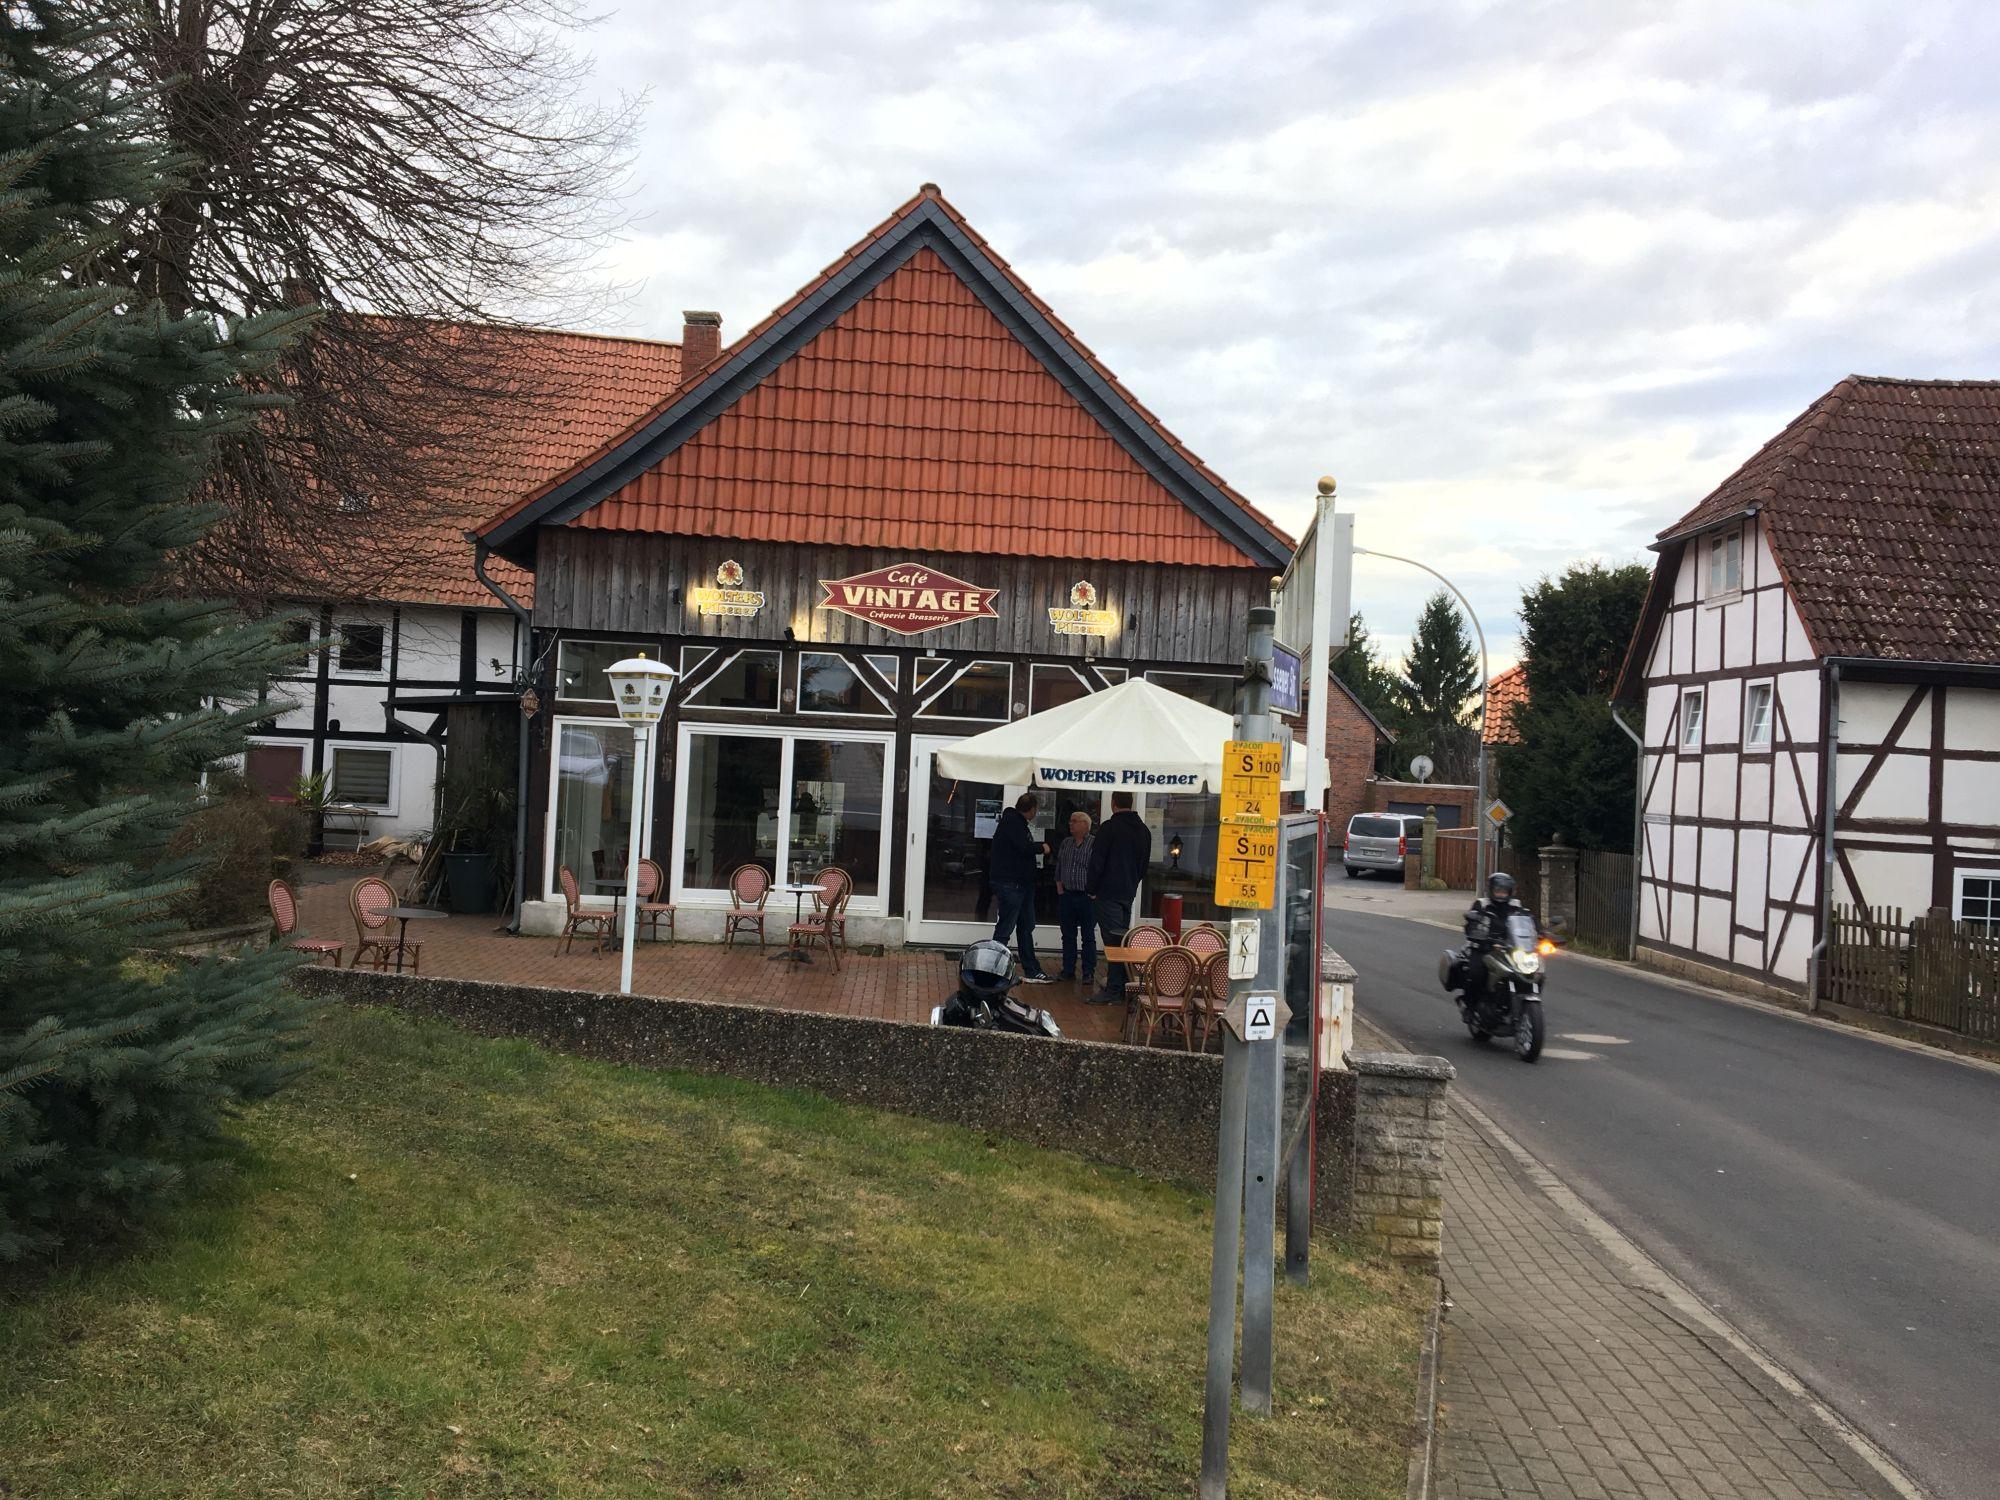 Noerdliches_Harzvorland_Reitlingstal_Elm_Cafe_Vintage_Erkerode